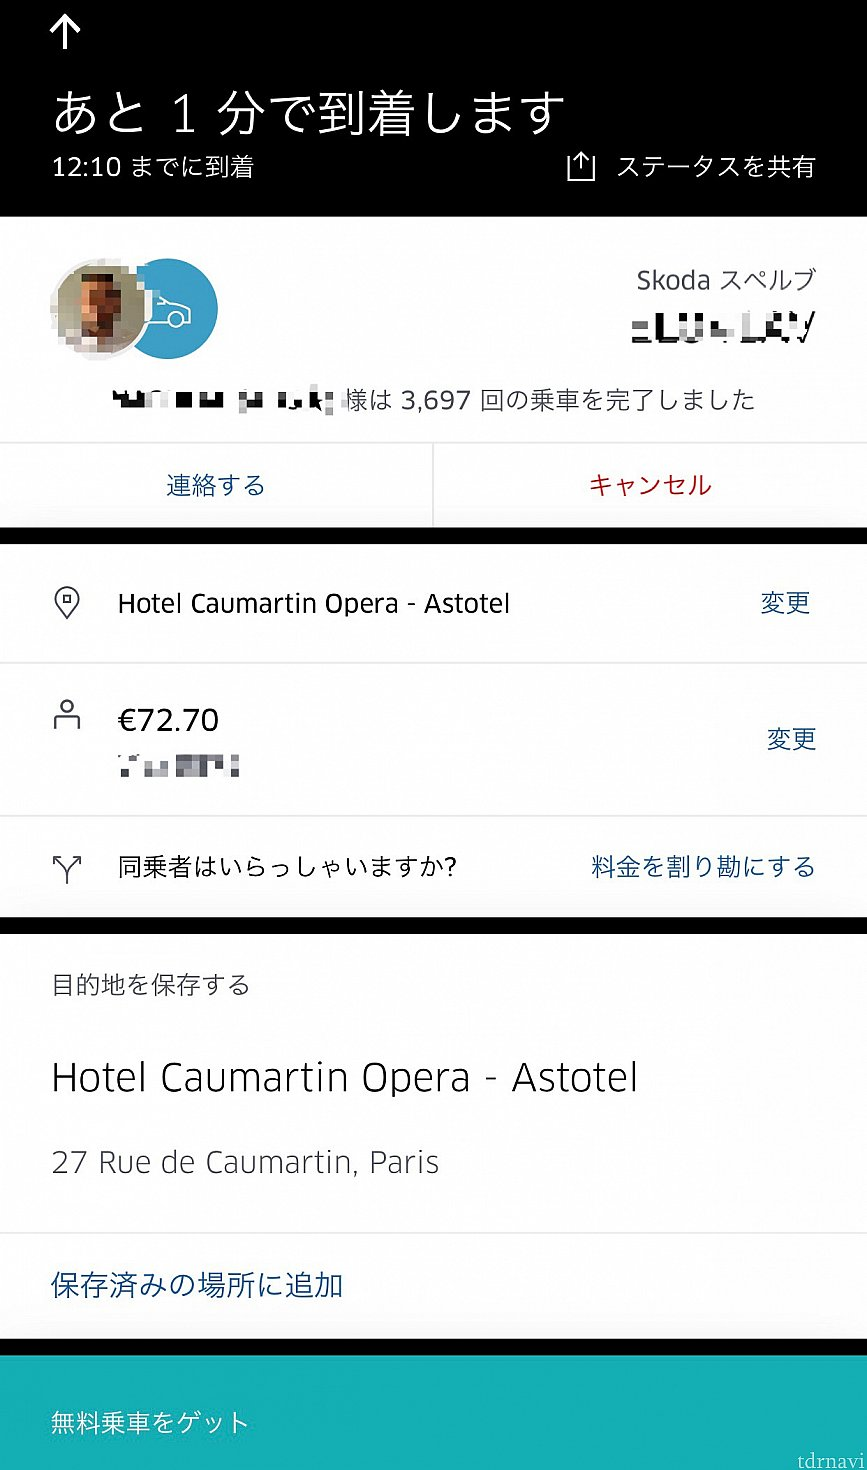 これはキリヤードホテルからパリの街のホテルに行った時のです♪ 車種とナンバーが書いてあるのですぐ車を見つけられます♪